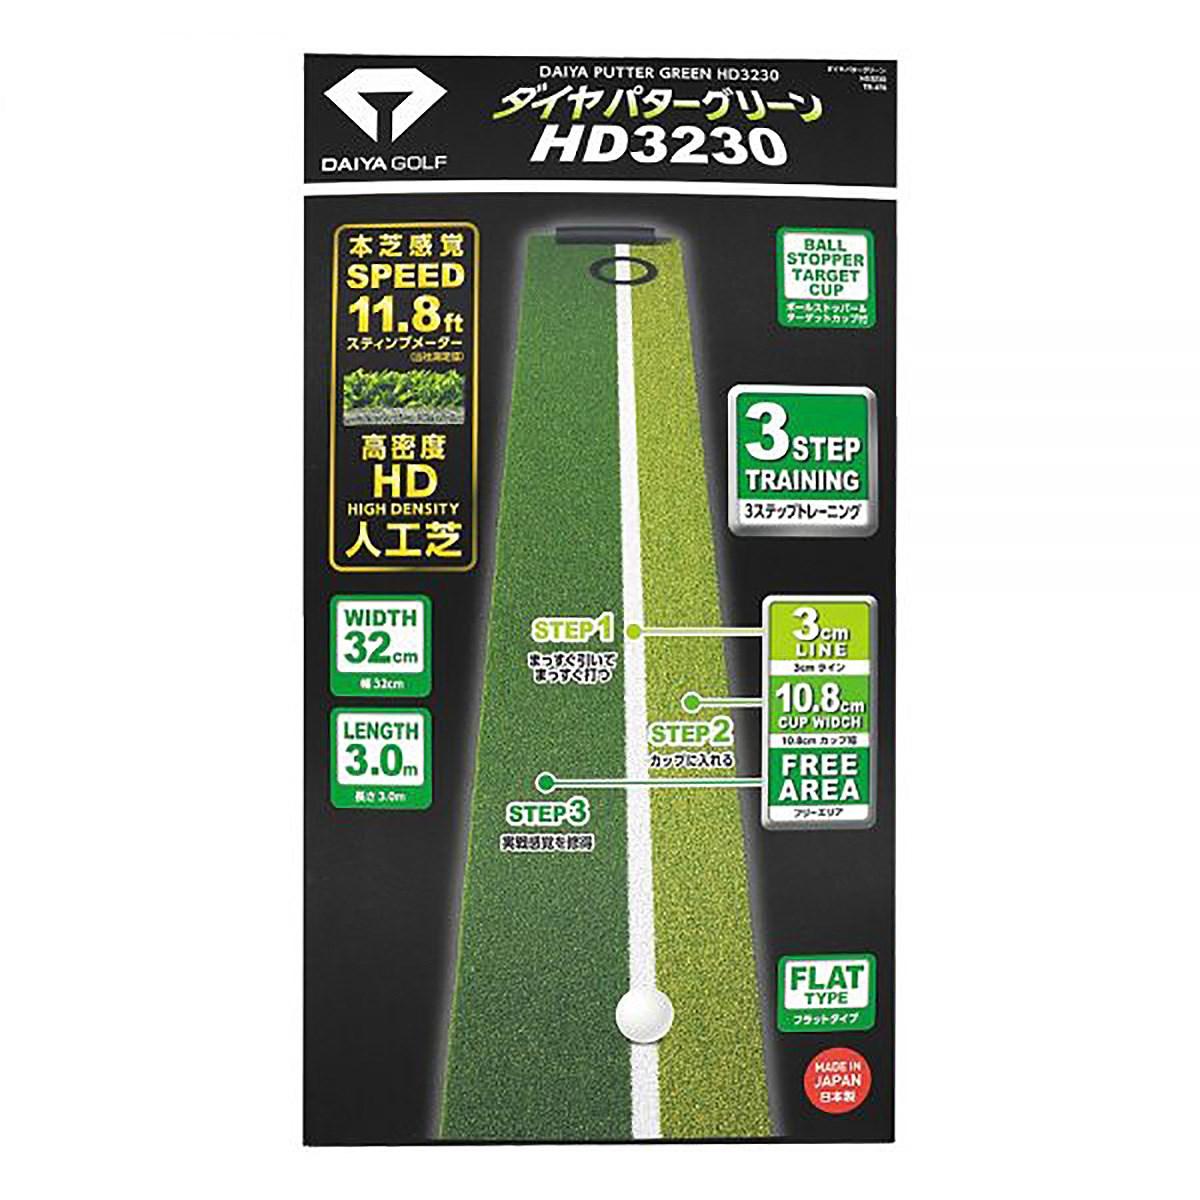 ダイヤゴルフ DAIYA GOLF ダイヤパターグリーン HD3230 グリーン